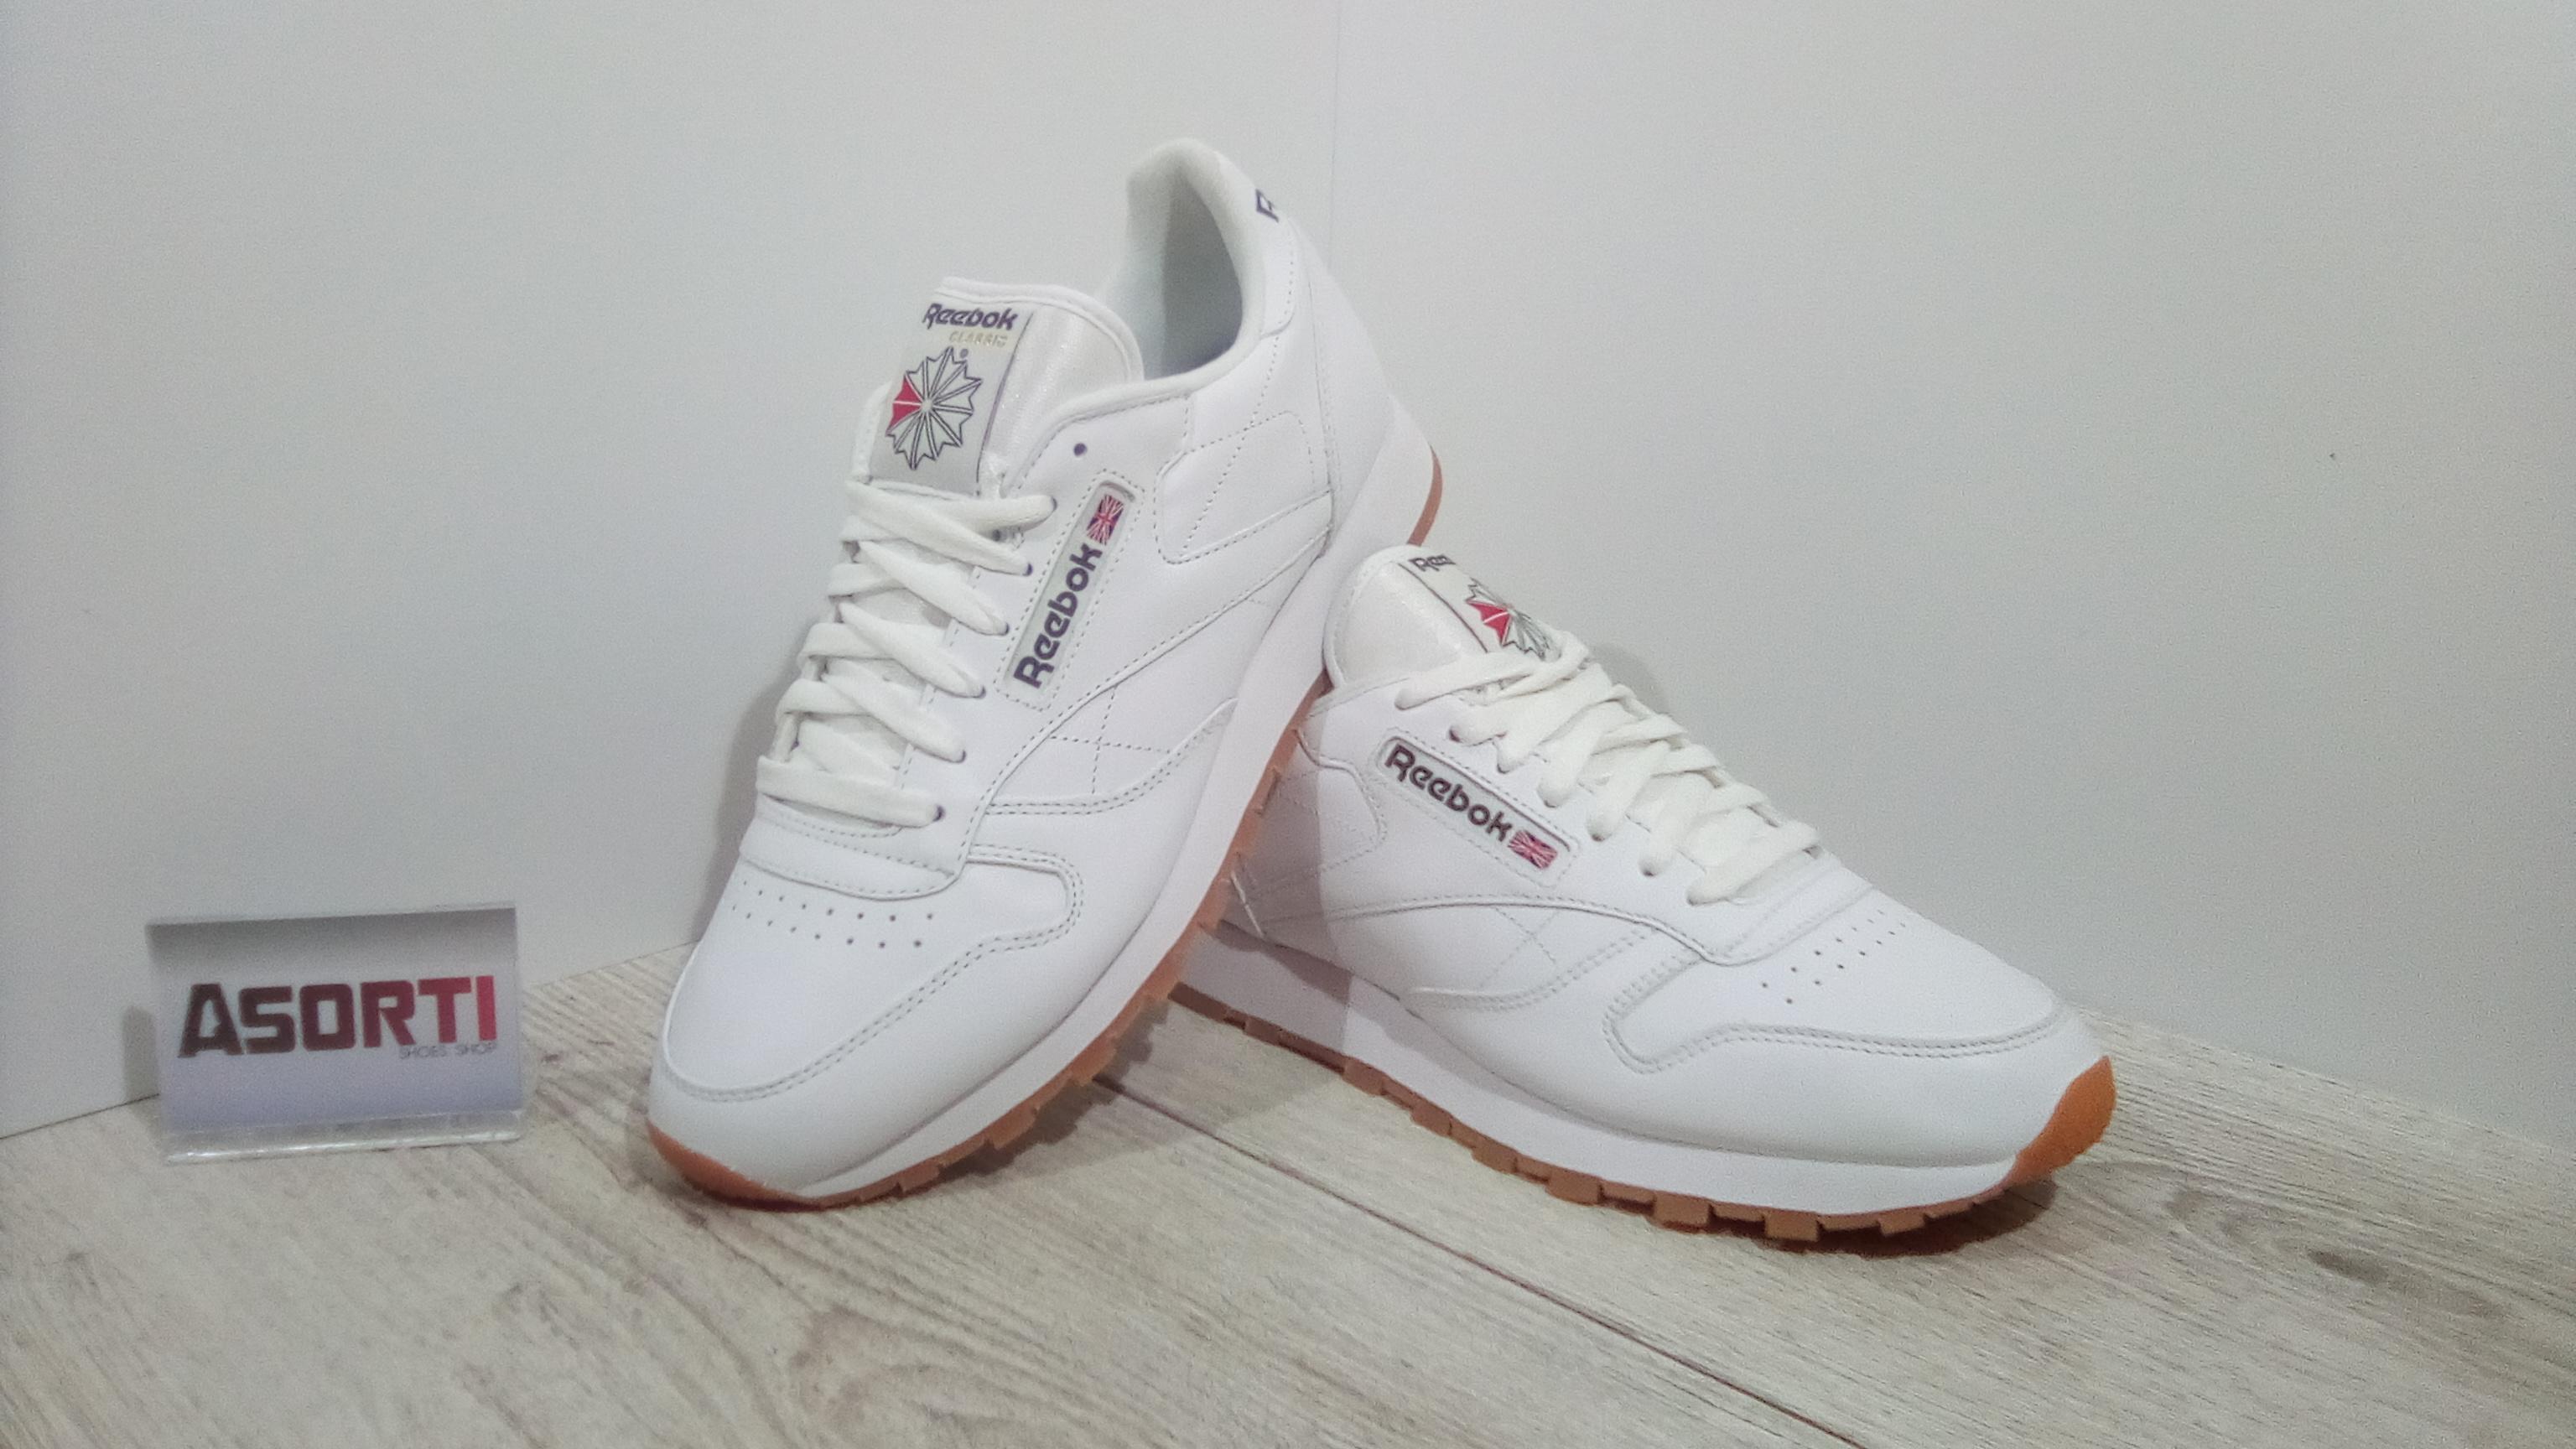 Чоловічі кросівки Reebok Classic Leather (49799) білі купити в ... 692f15d8ebff0